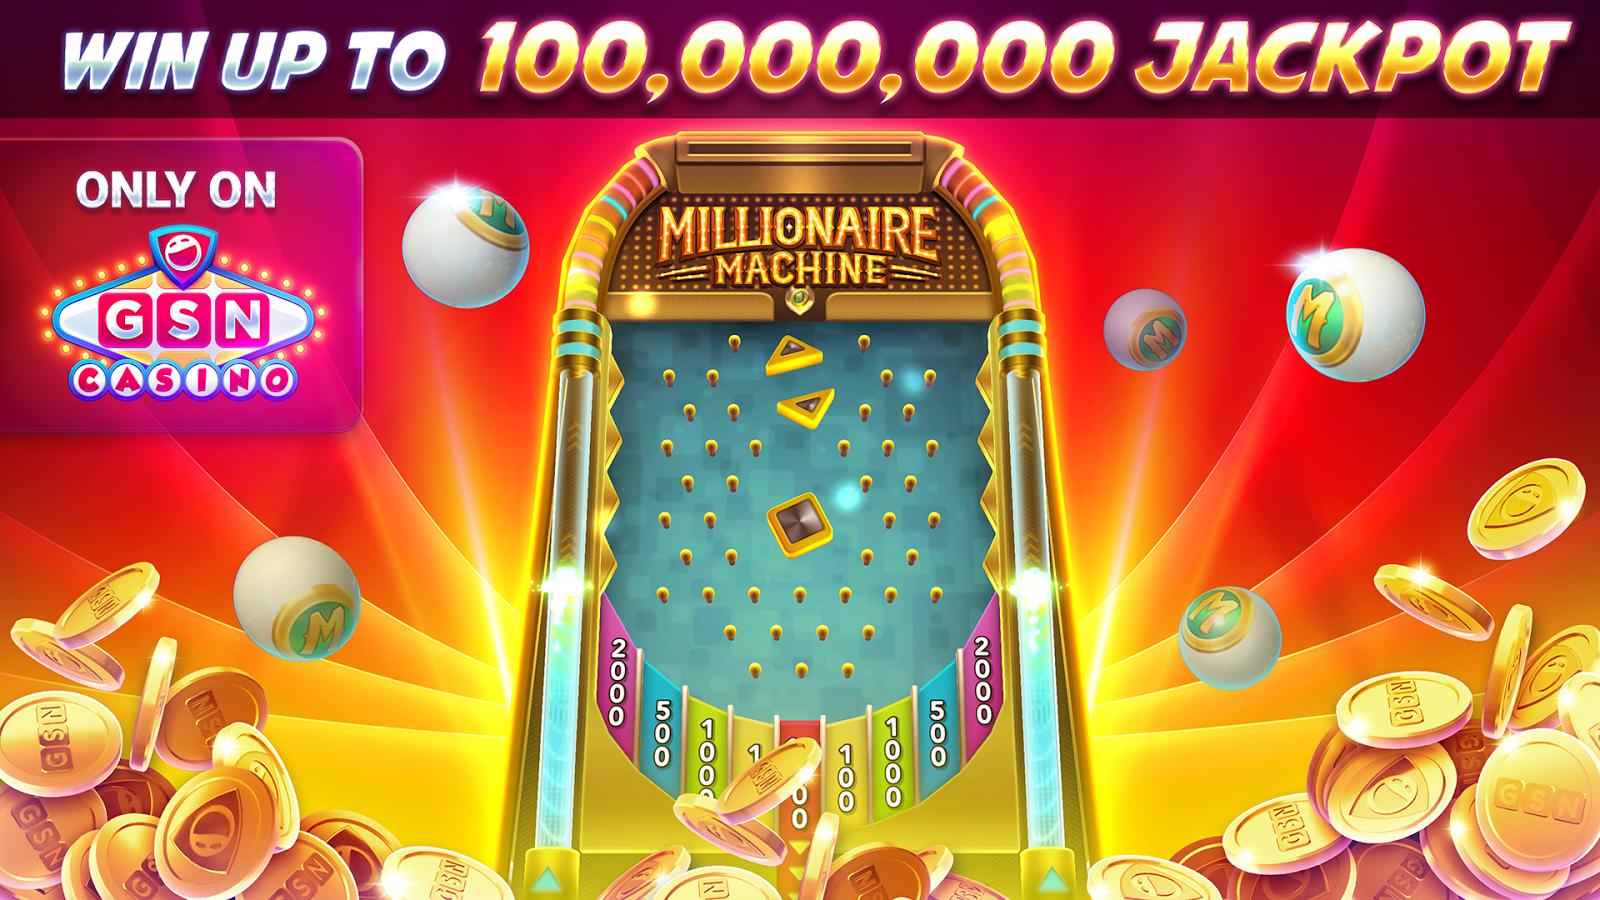 Online bingo slot games